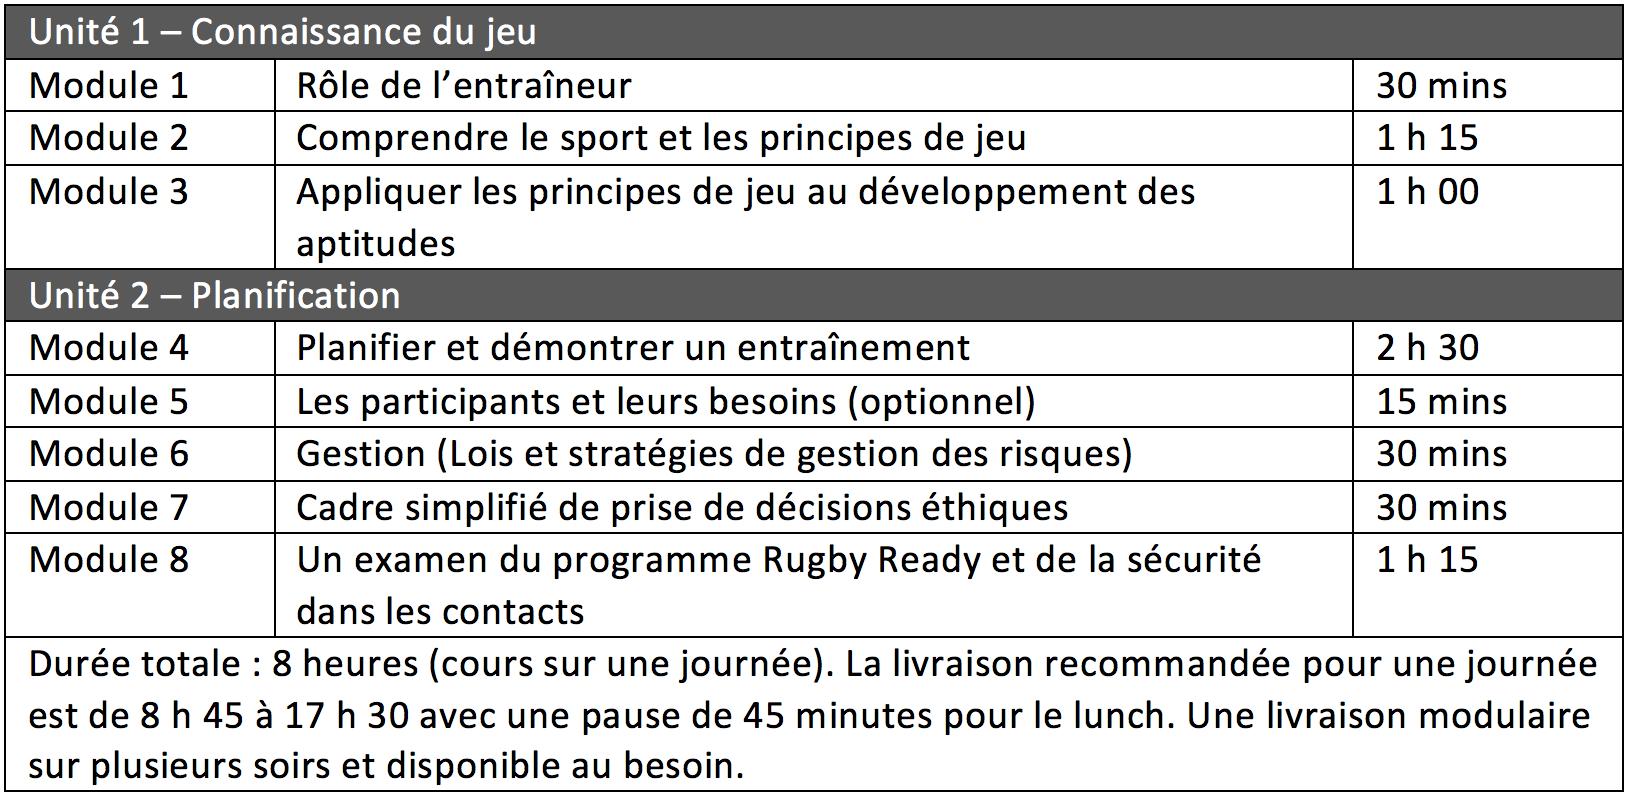 Horaire_de_cours.png (181 KB)